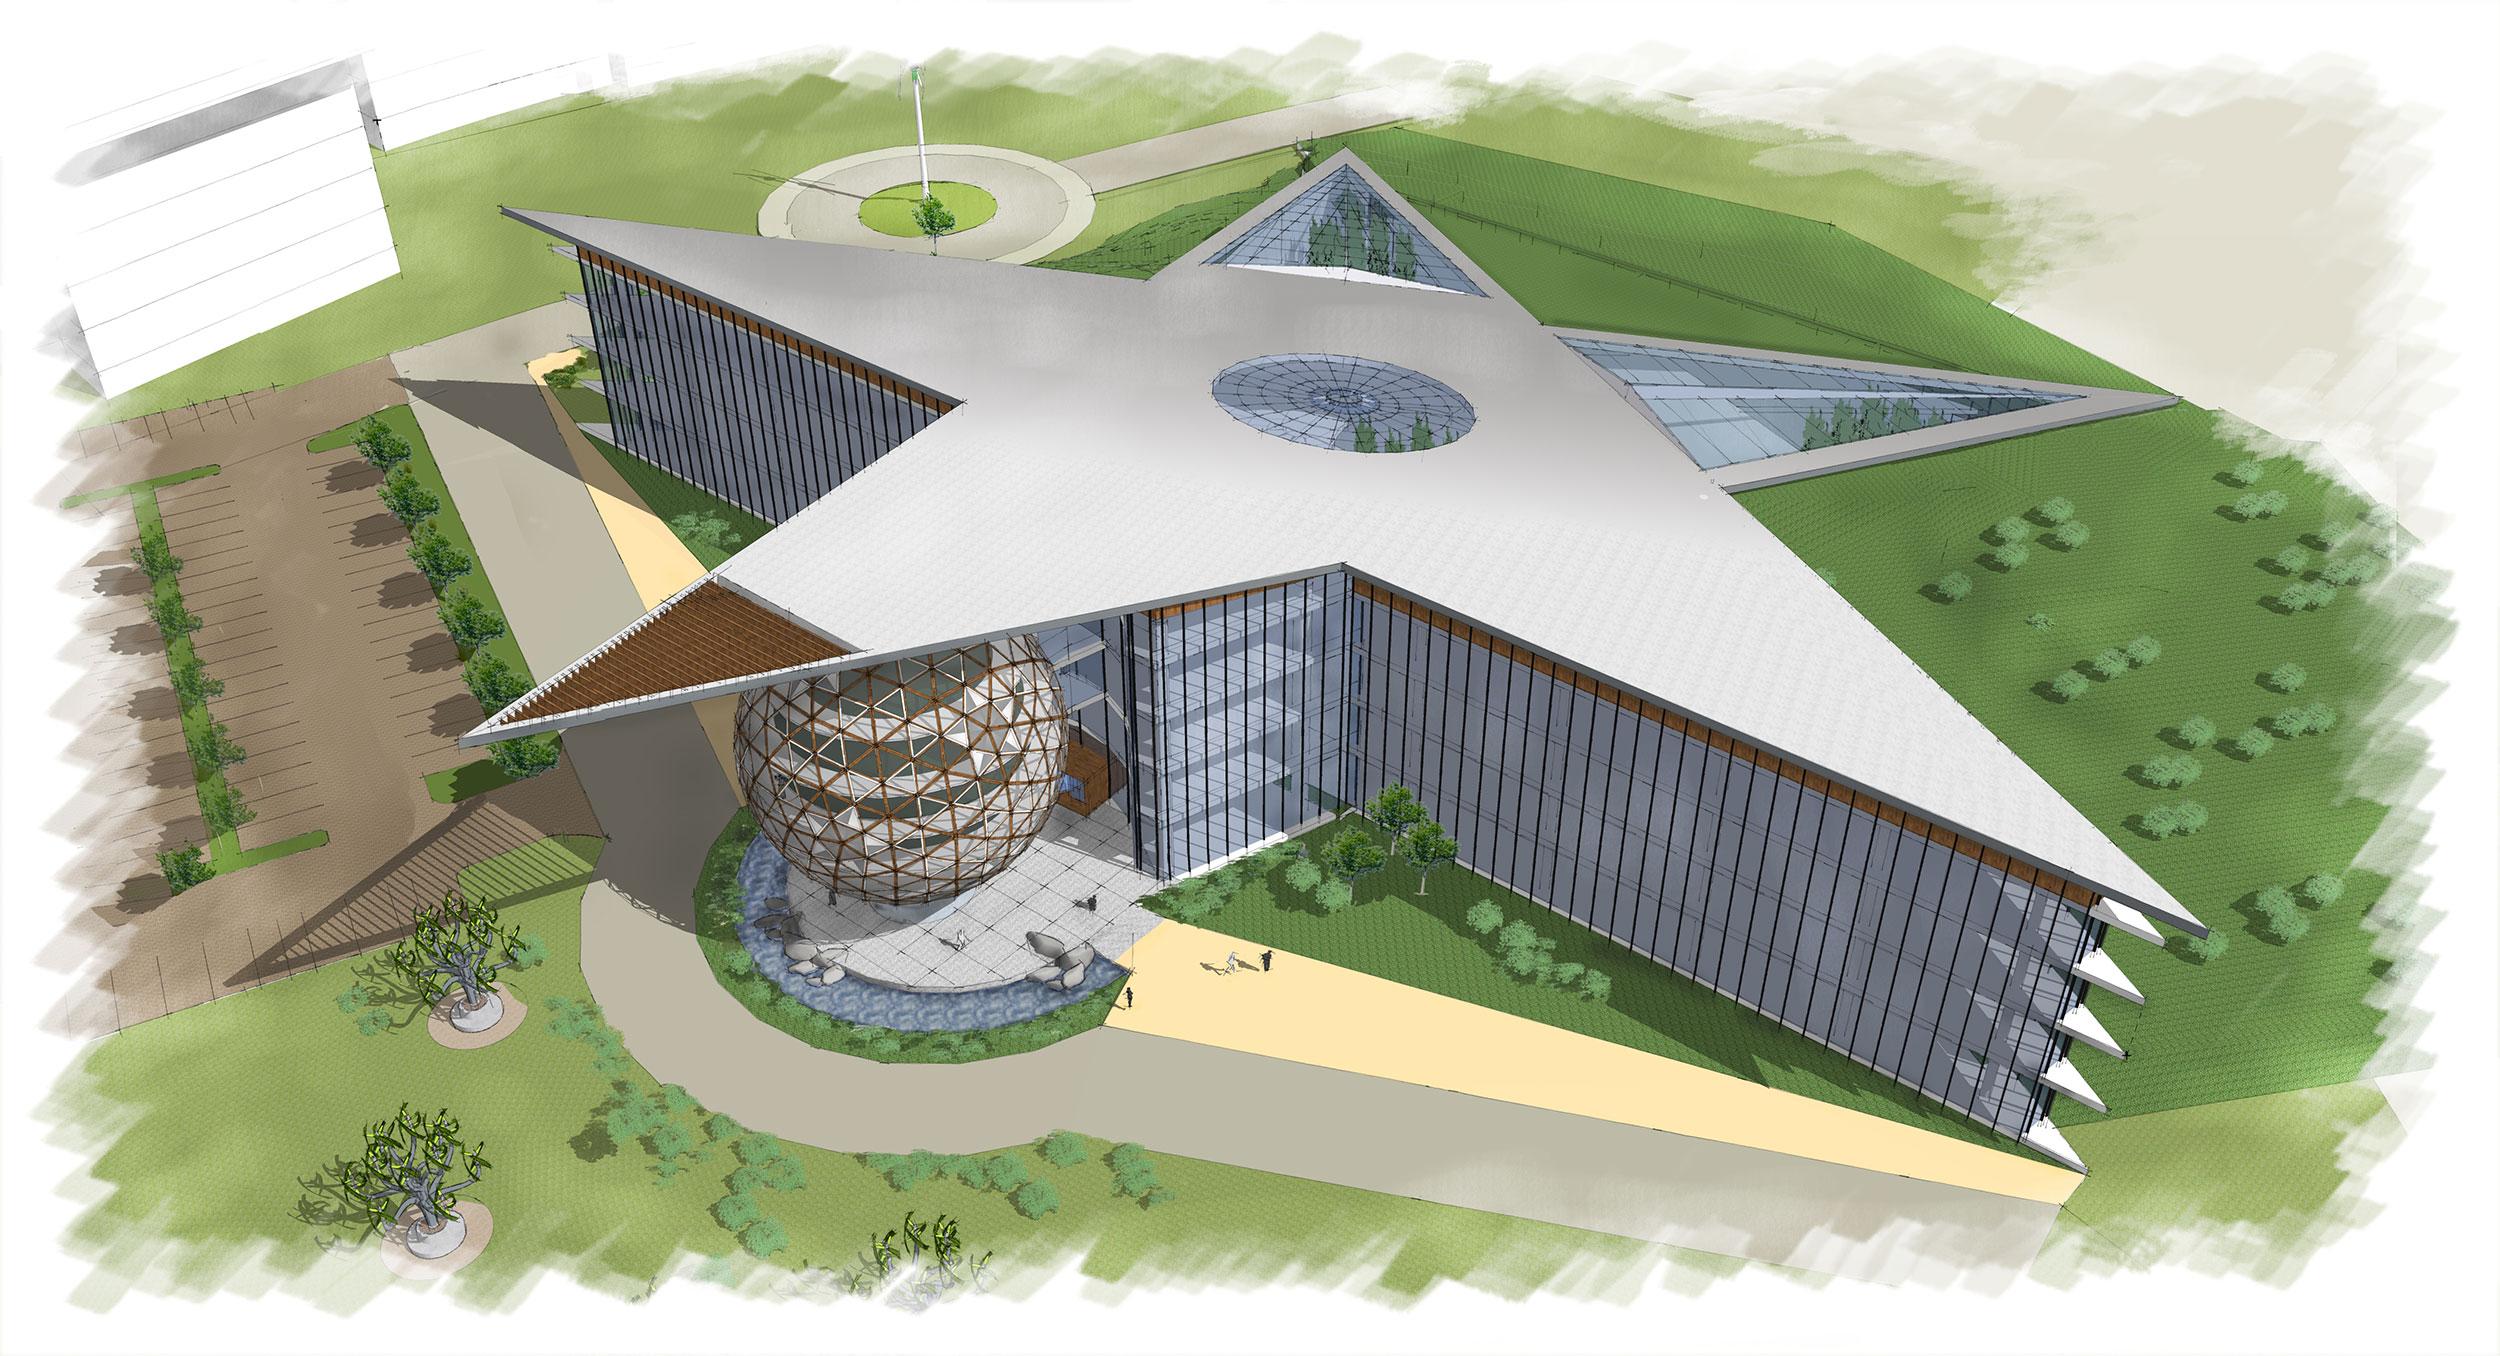 2021-Ecoplex-Concept-Sketch-Aerial-09-08-2021